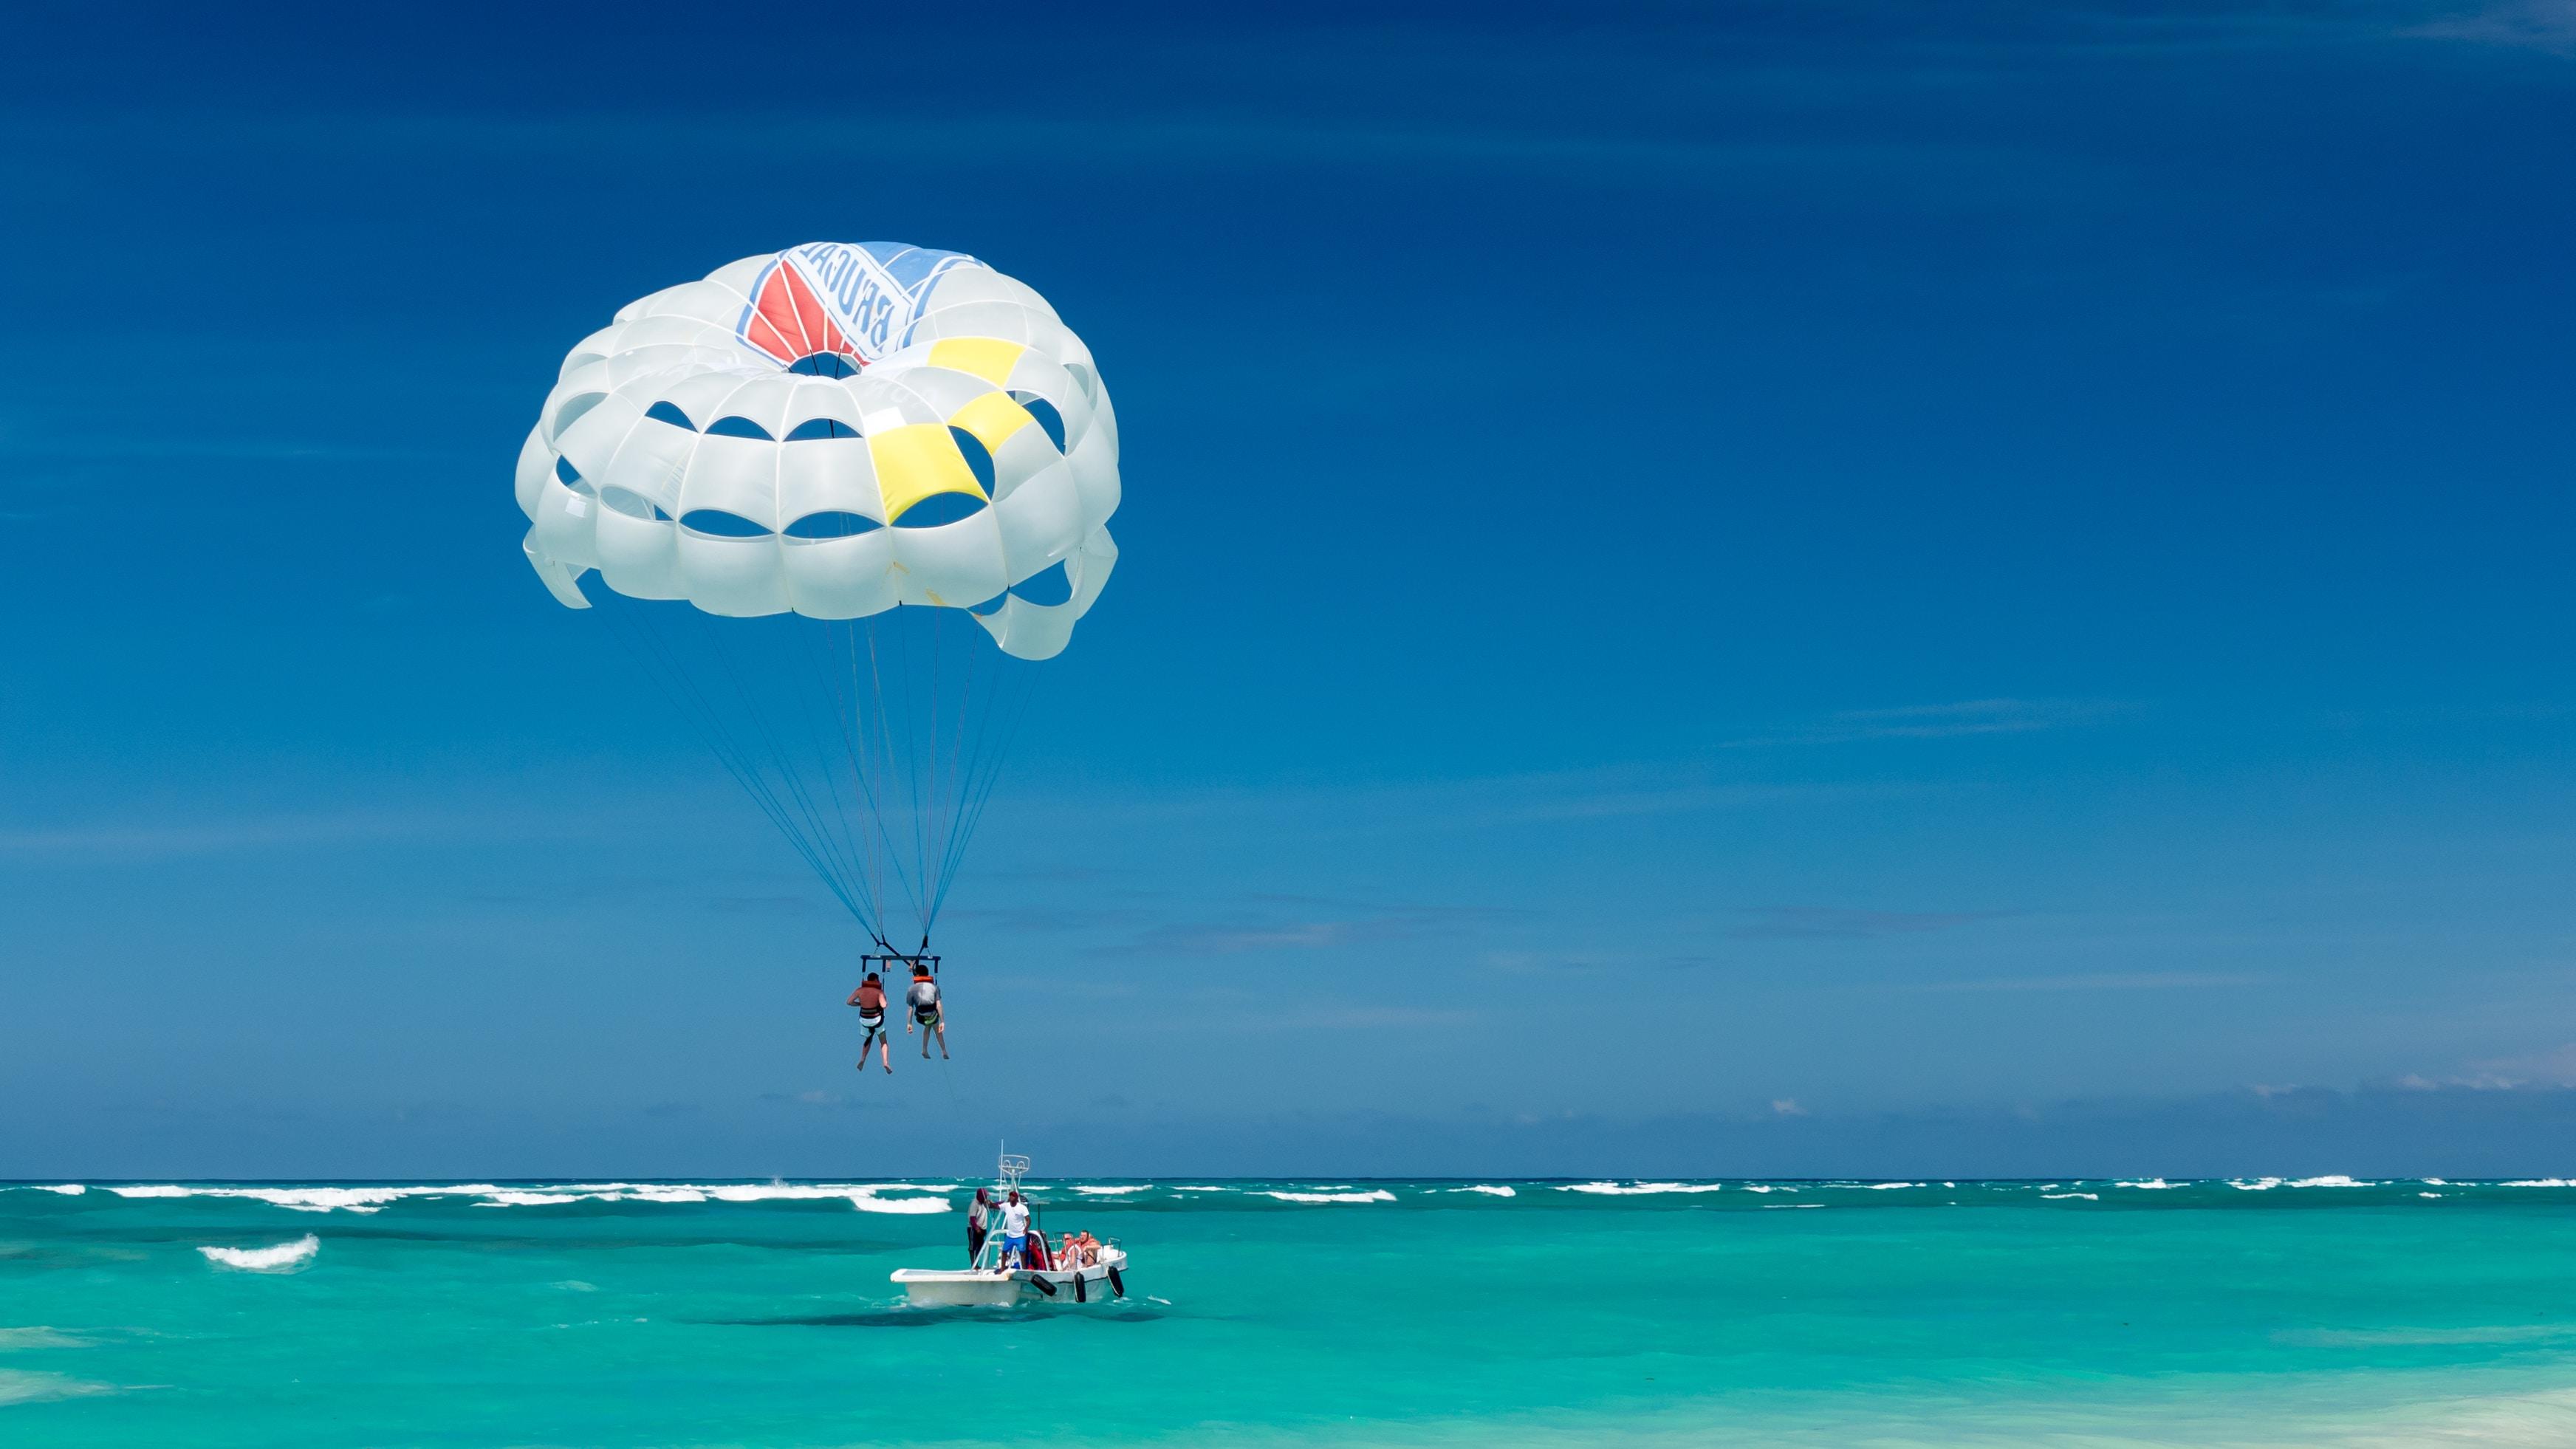 two person riding parachute near beach